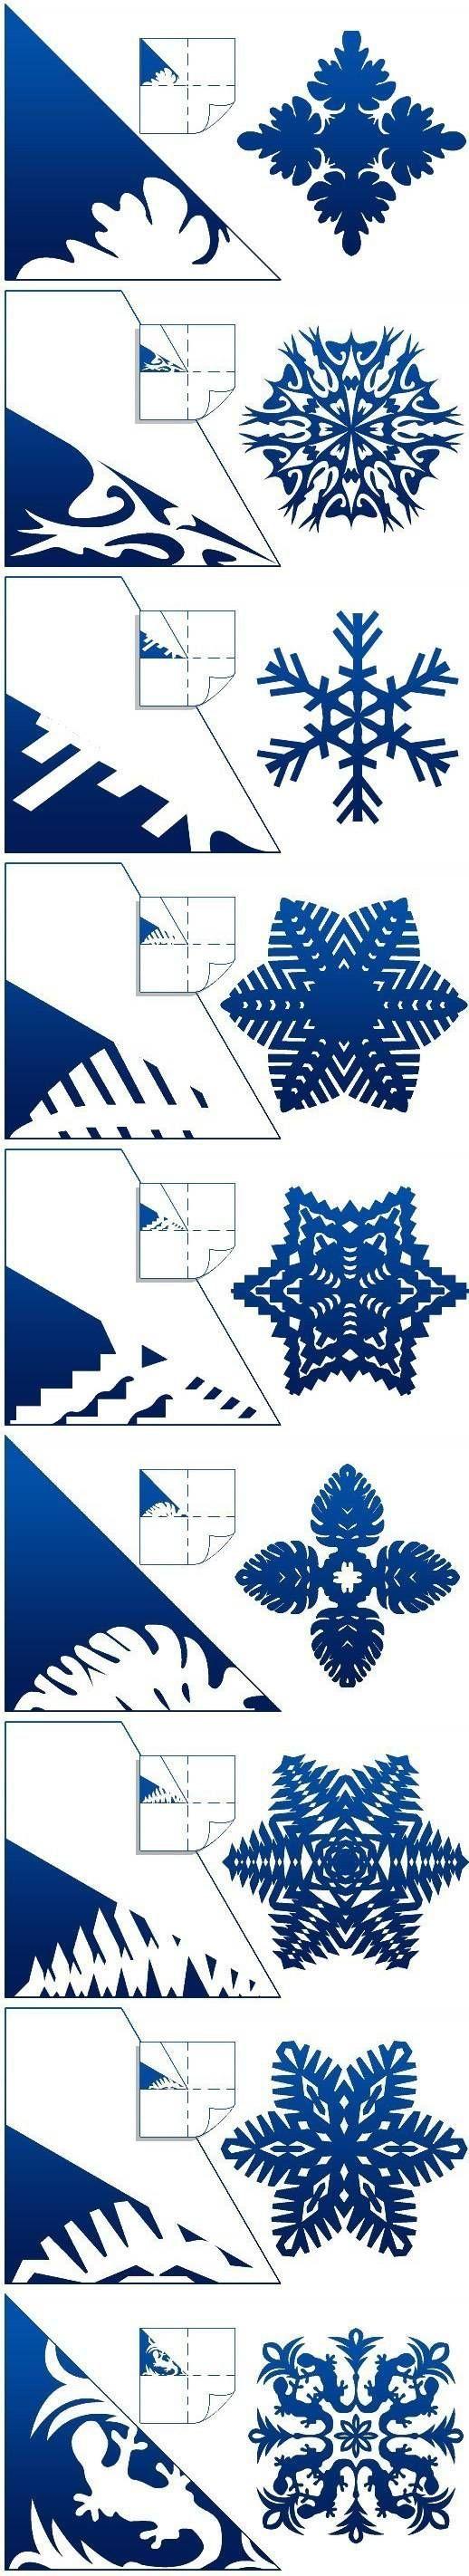 Распечатать схемы снежинок на бумаге